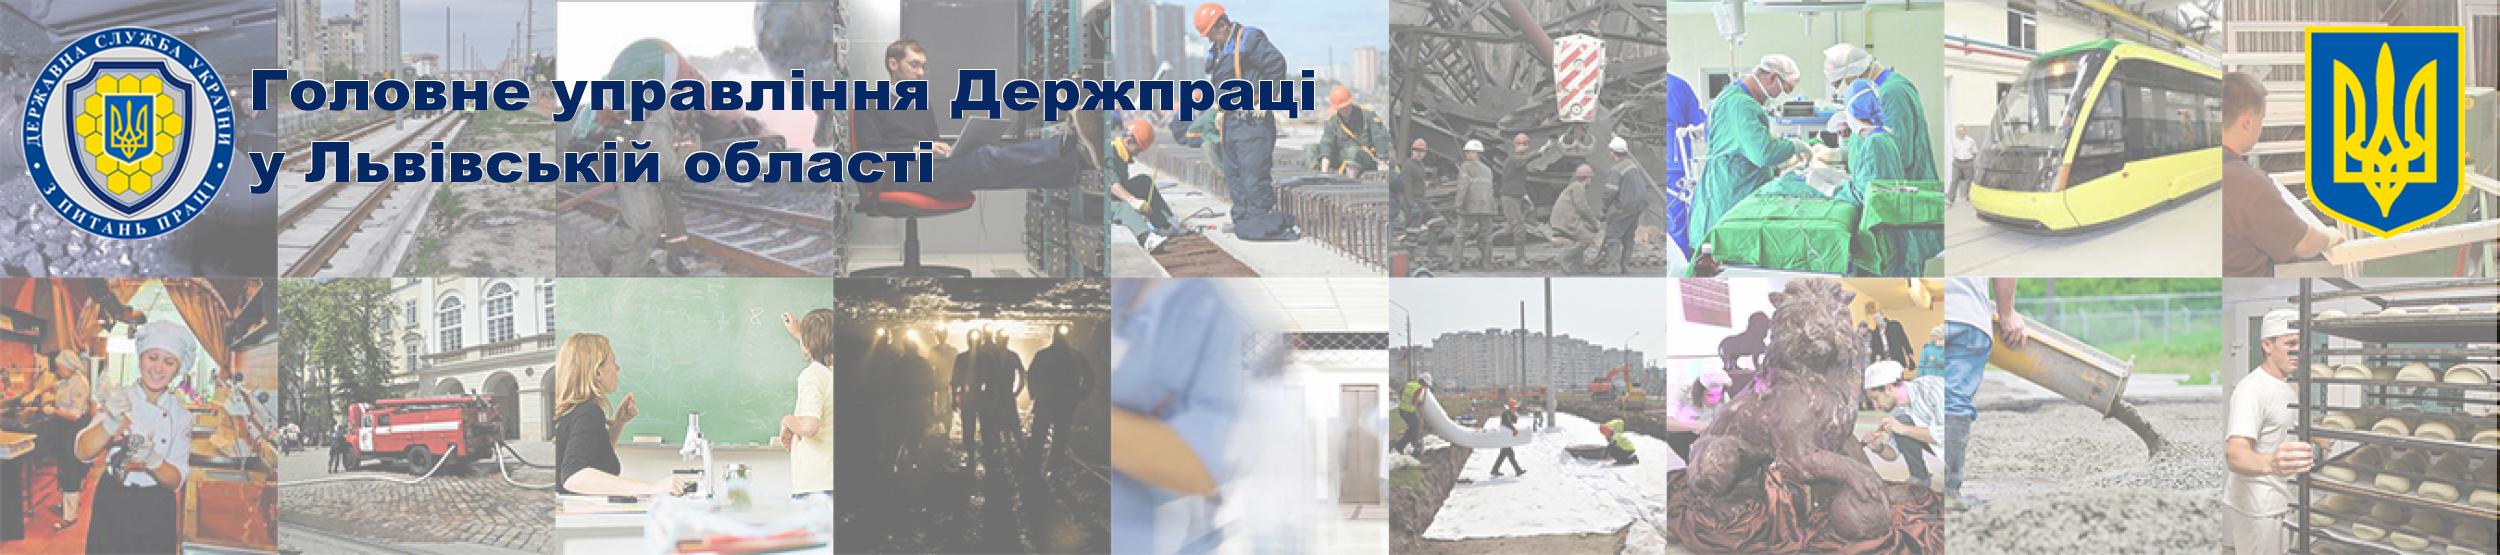 Головне управління Держпраці у Львівській області